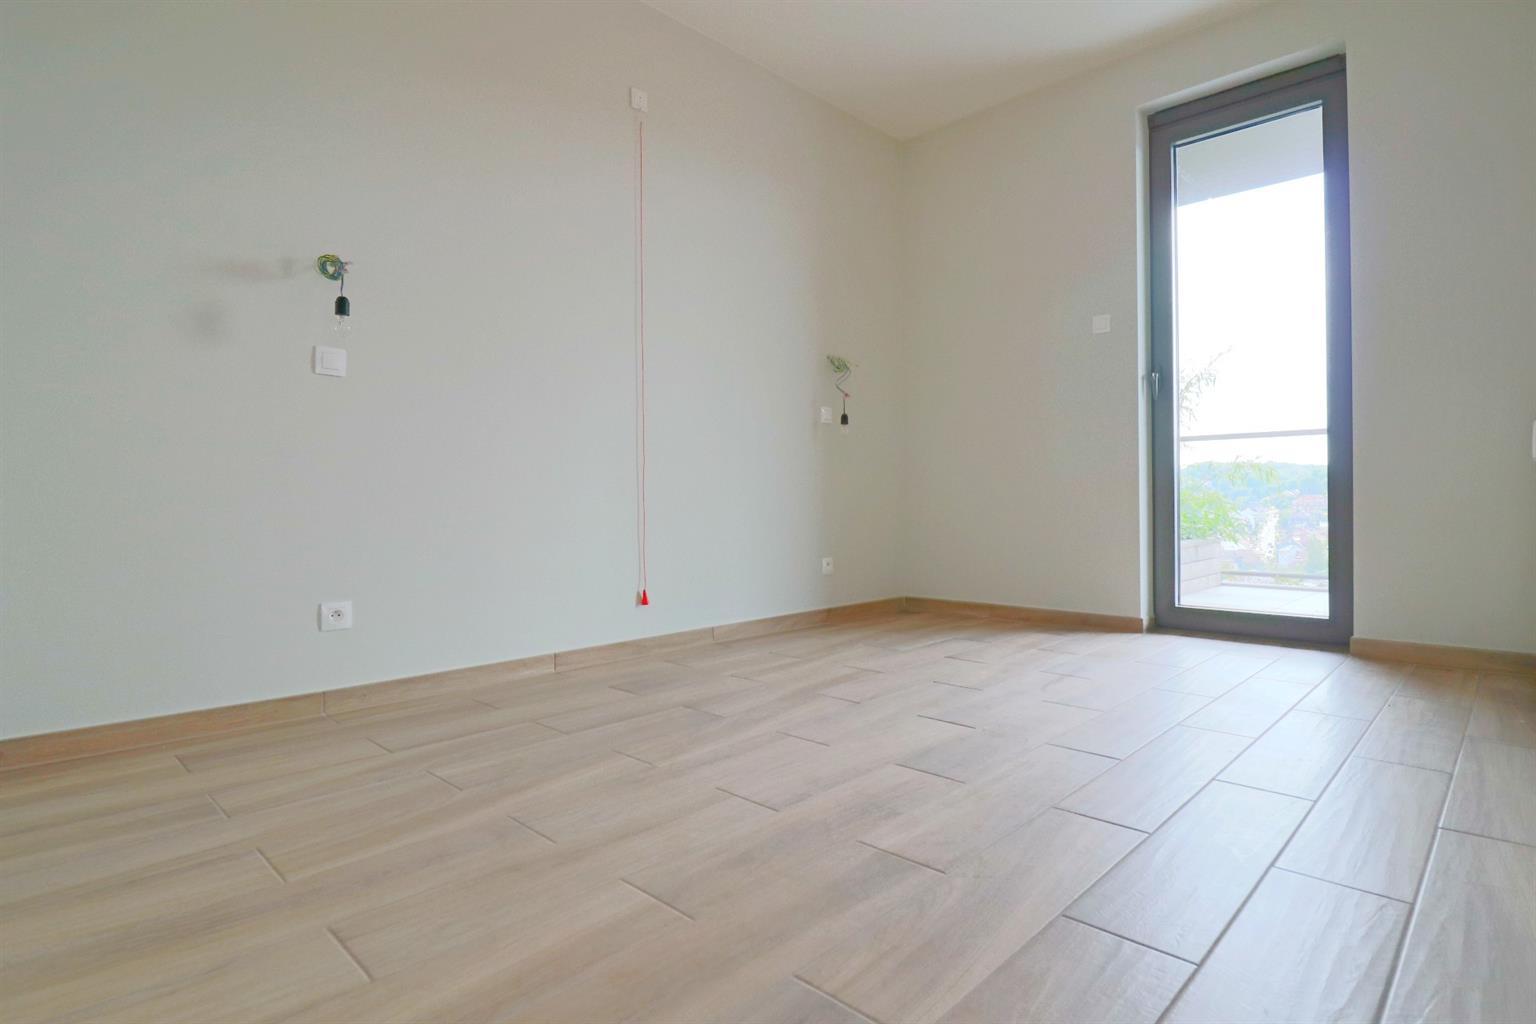 Appartement - Ottignies-Louvain-la-Neuve - #4406877-5